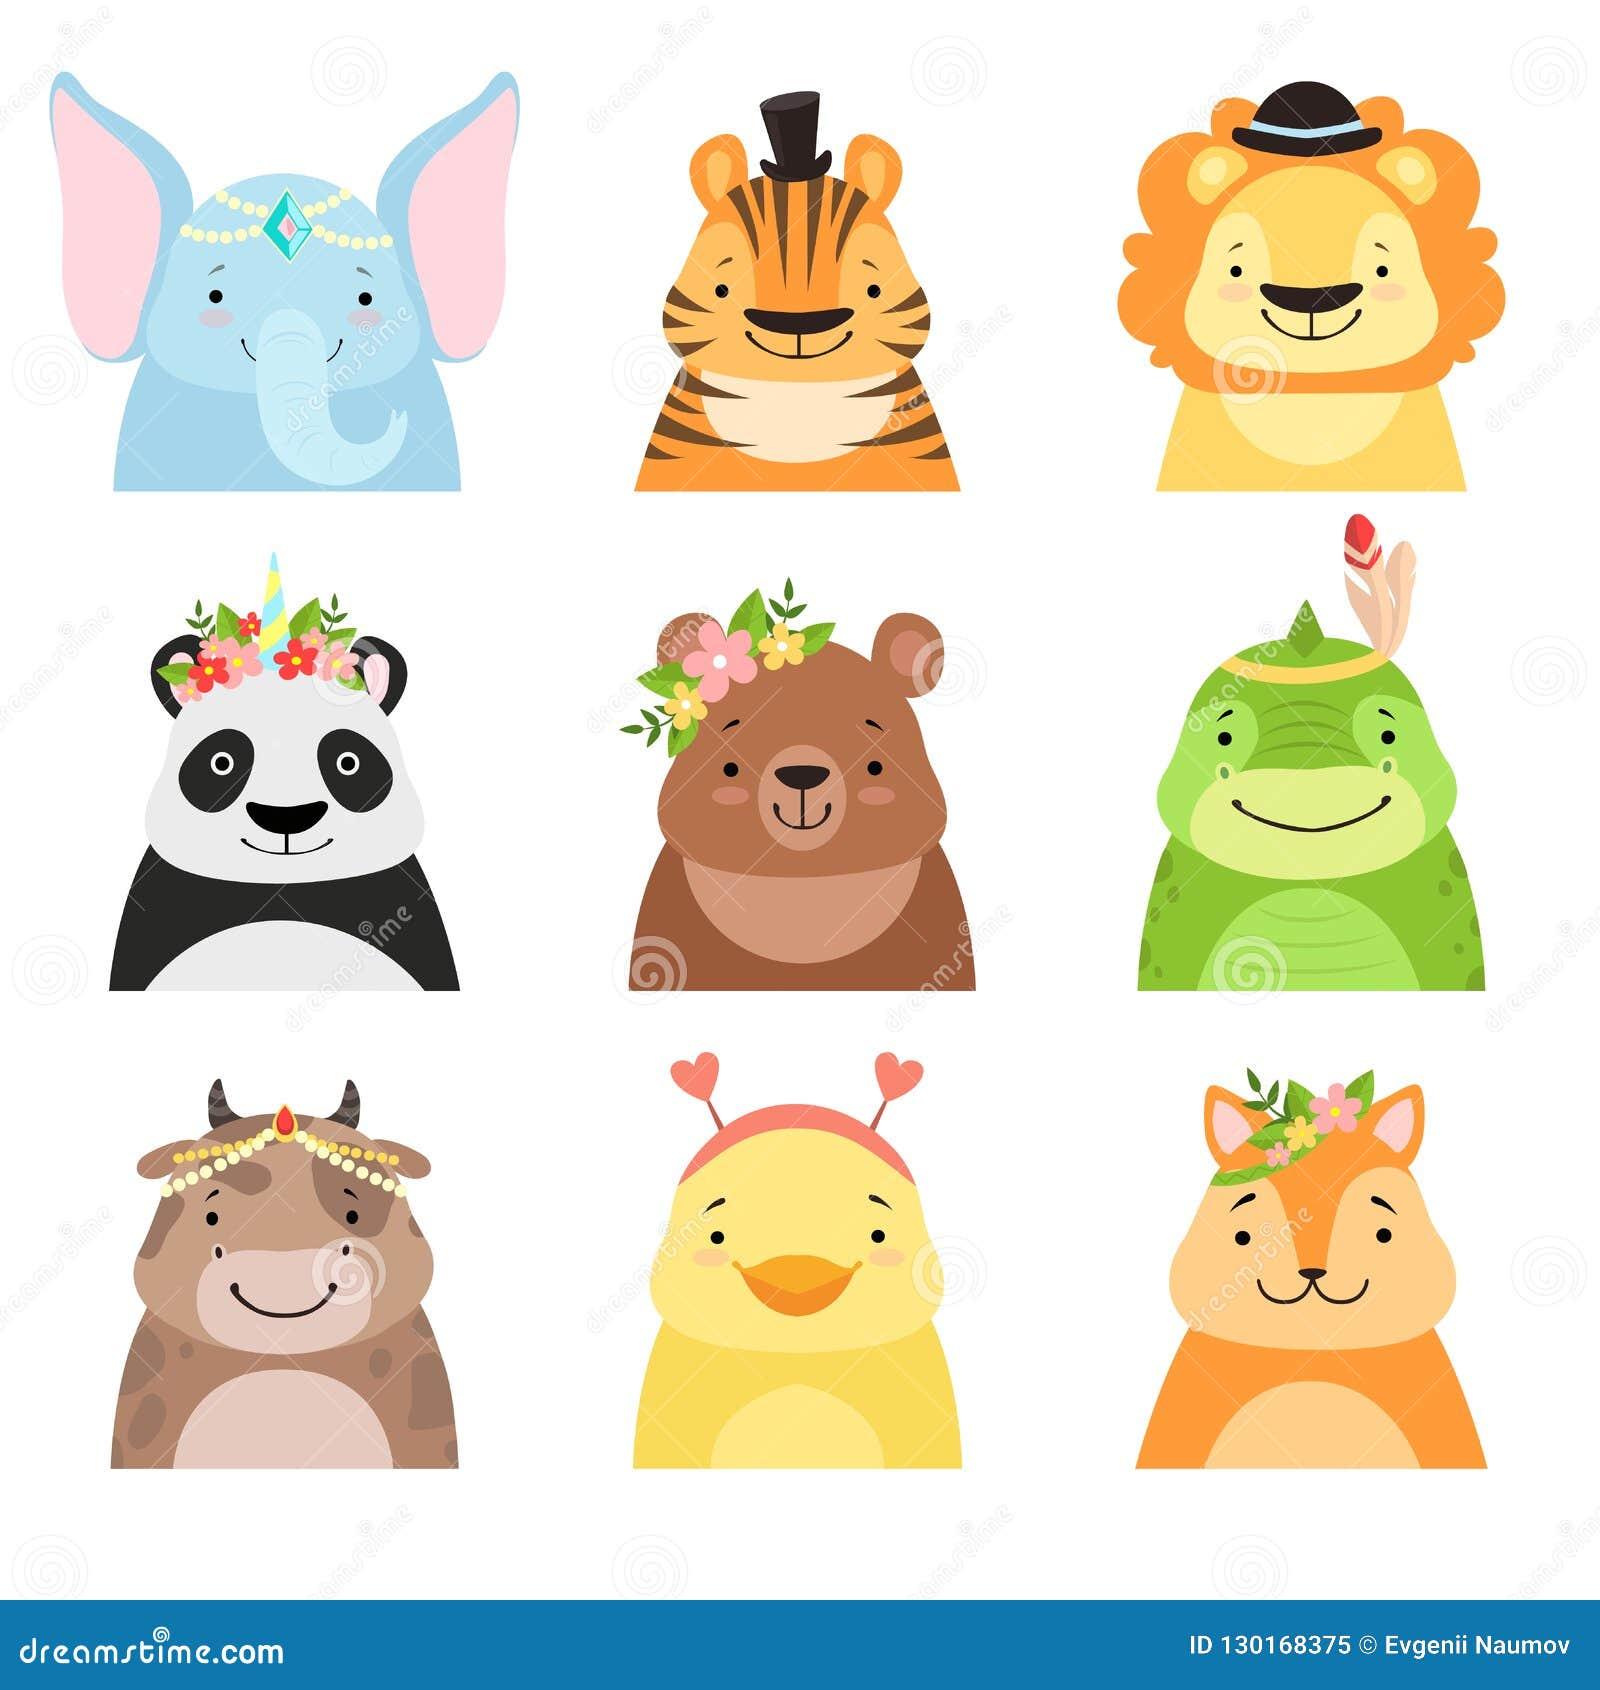 Смешные животные нося различный набор шляп, слона, тигра, льва, панду, медведя, динозавра, корову, воплощения милого мультфильма